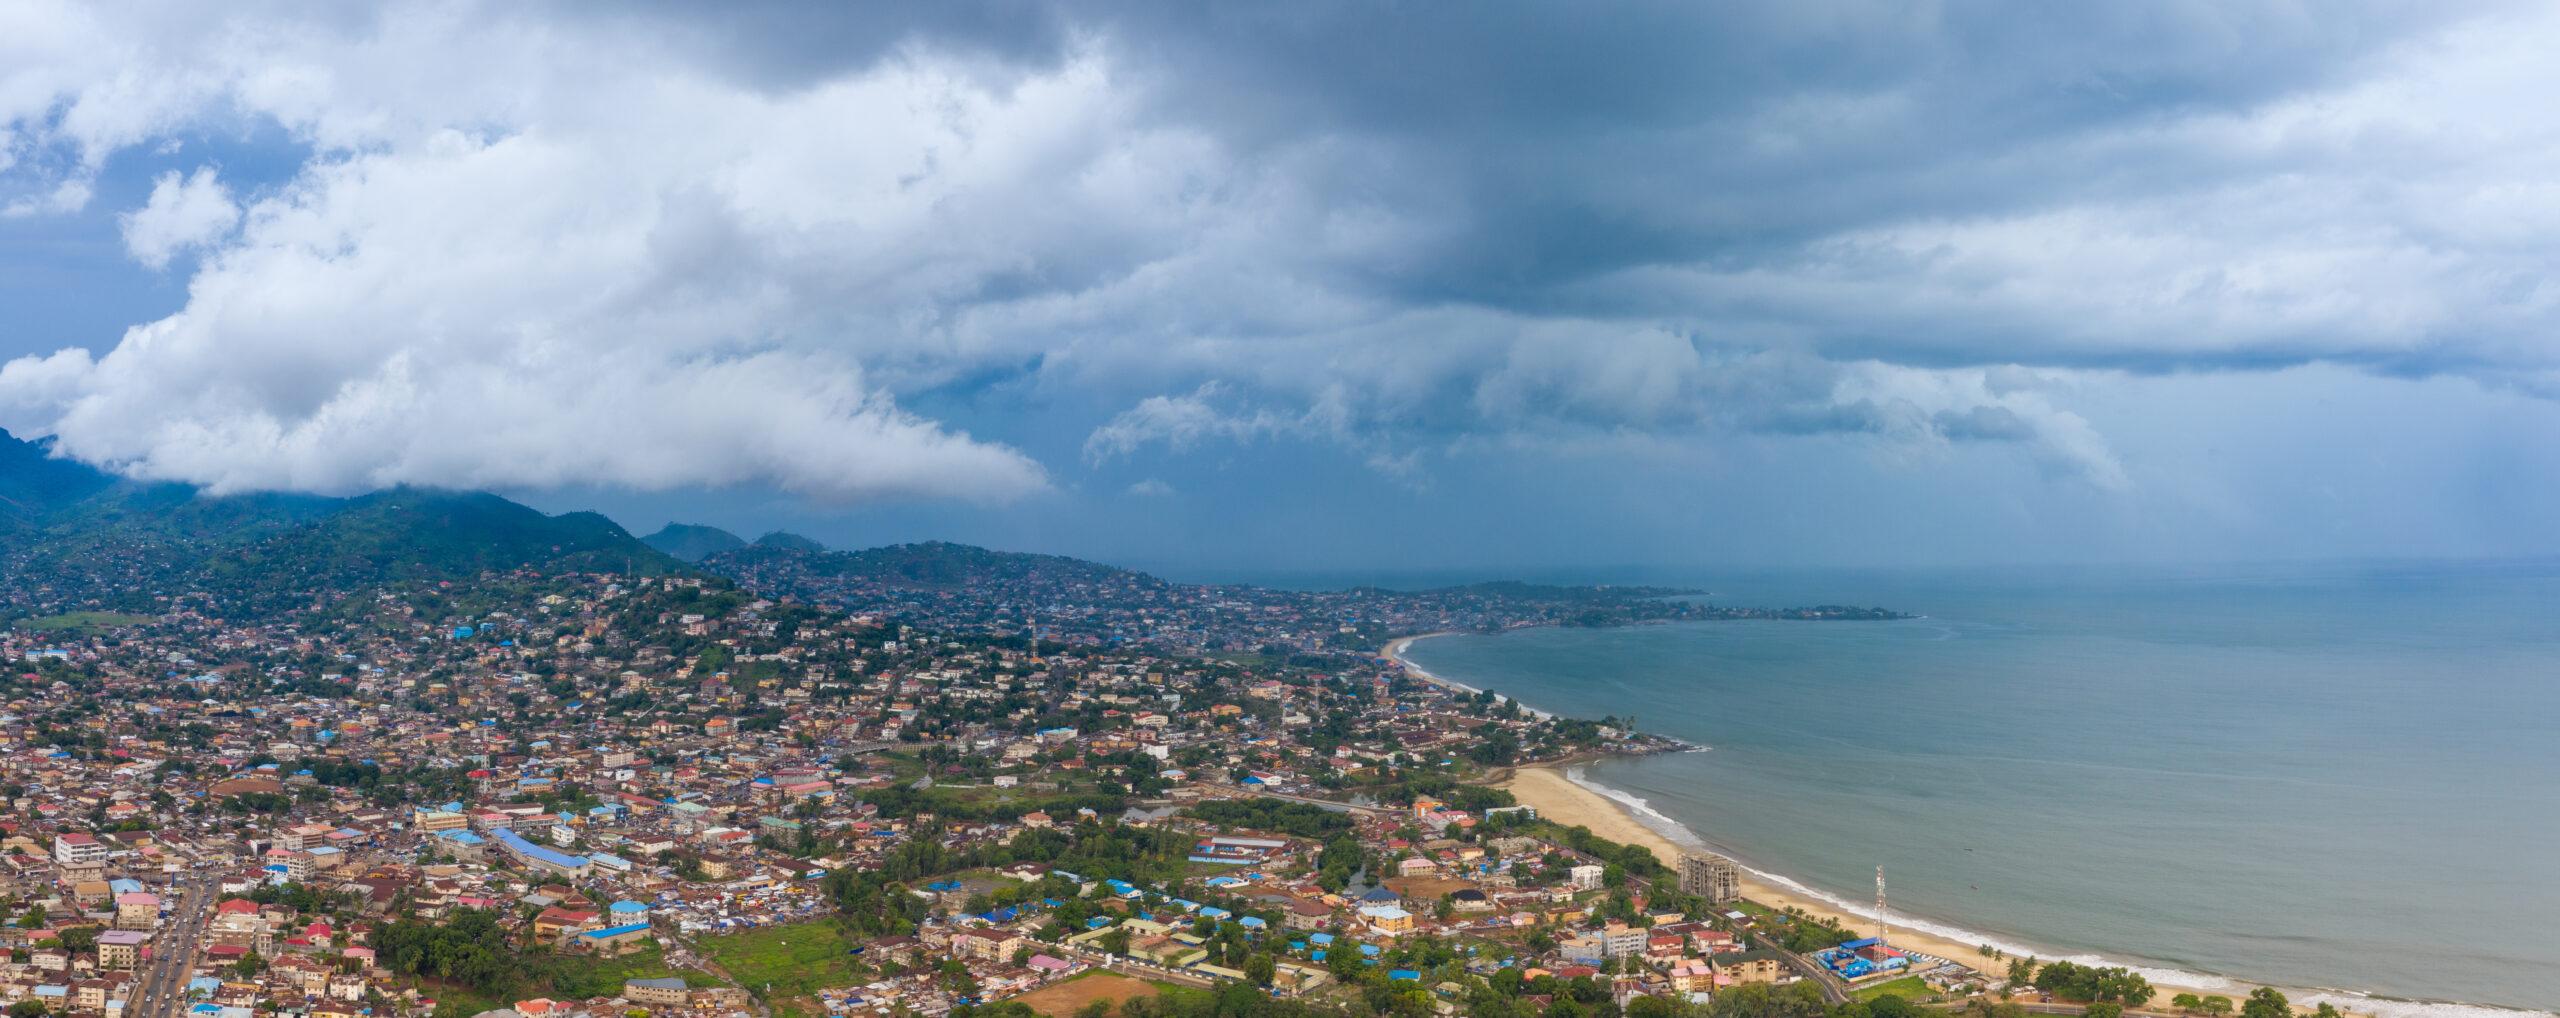 A landscape of Sierra Leone